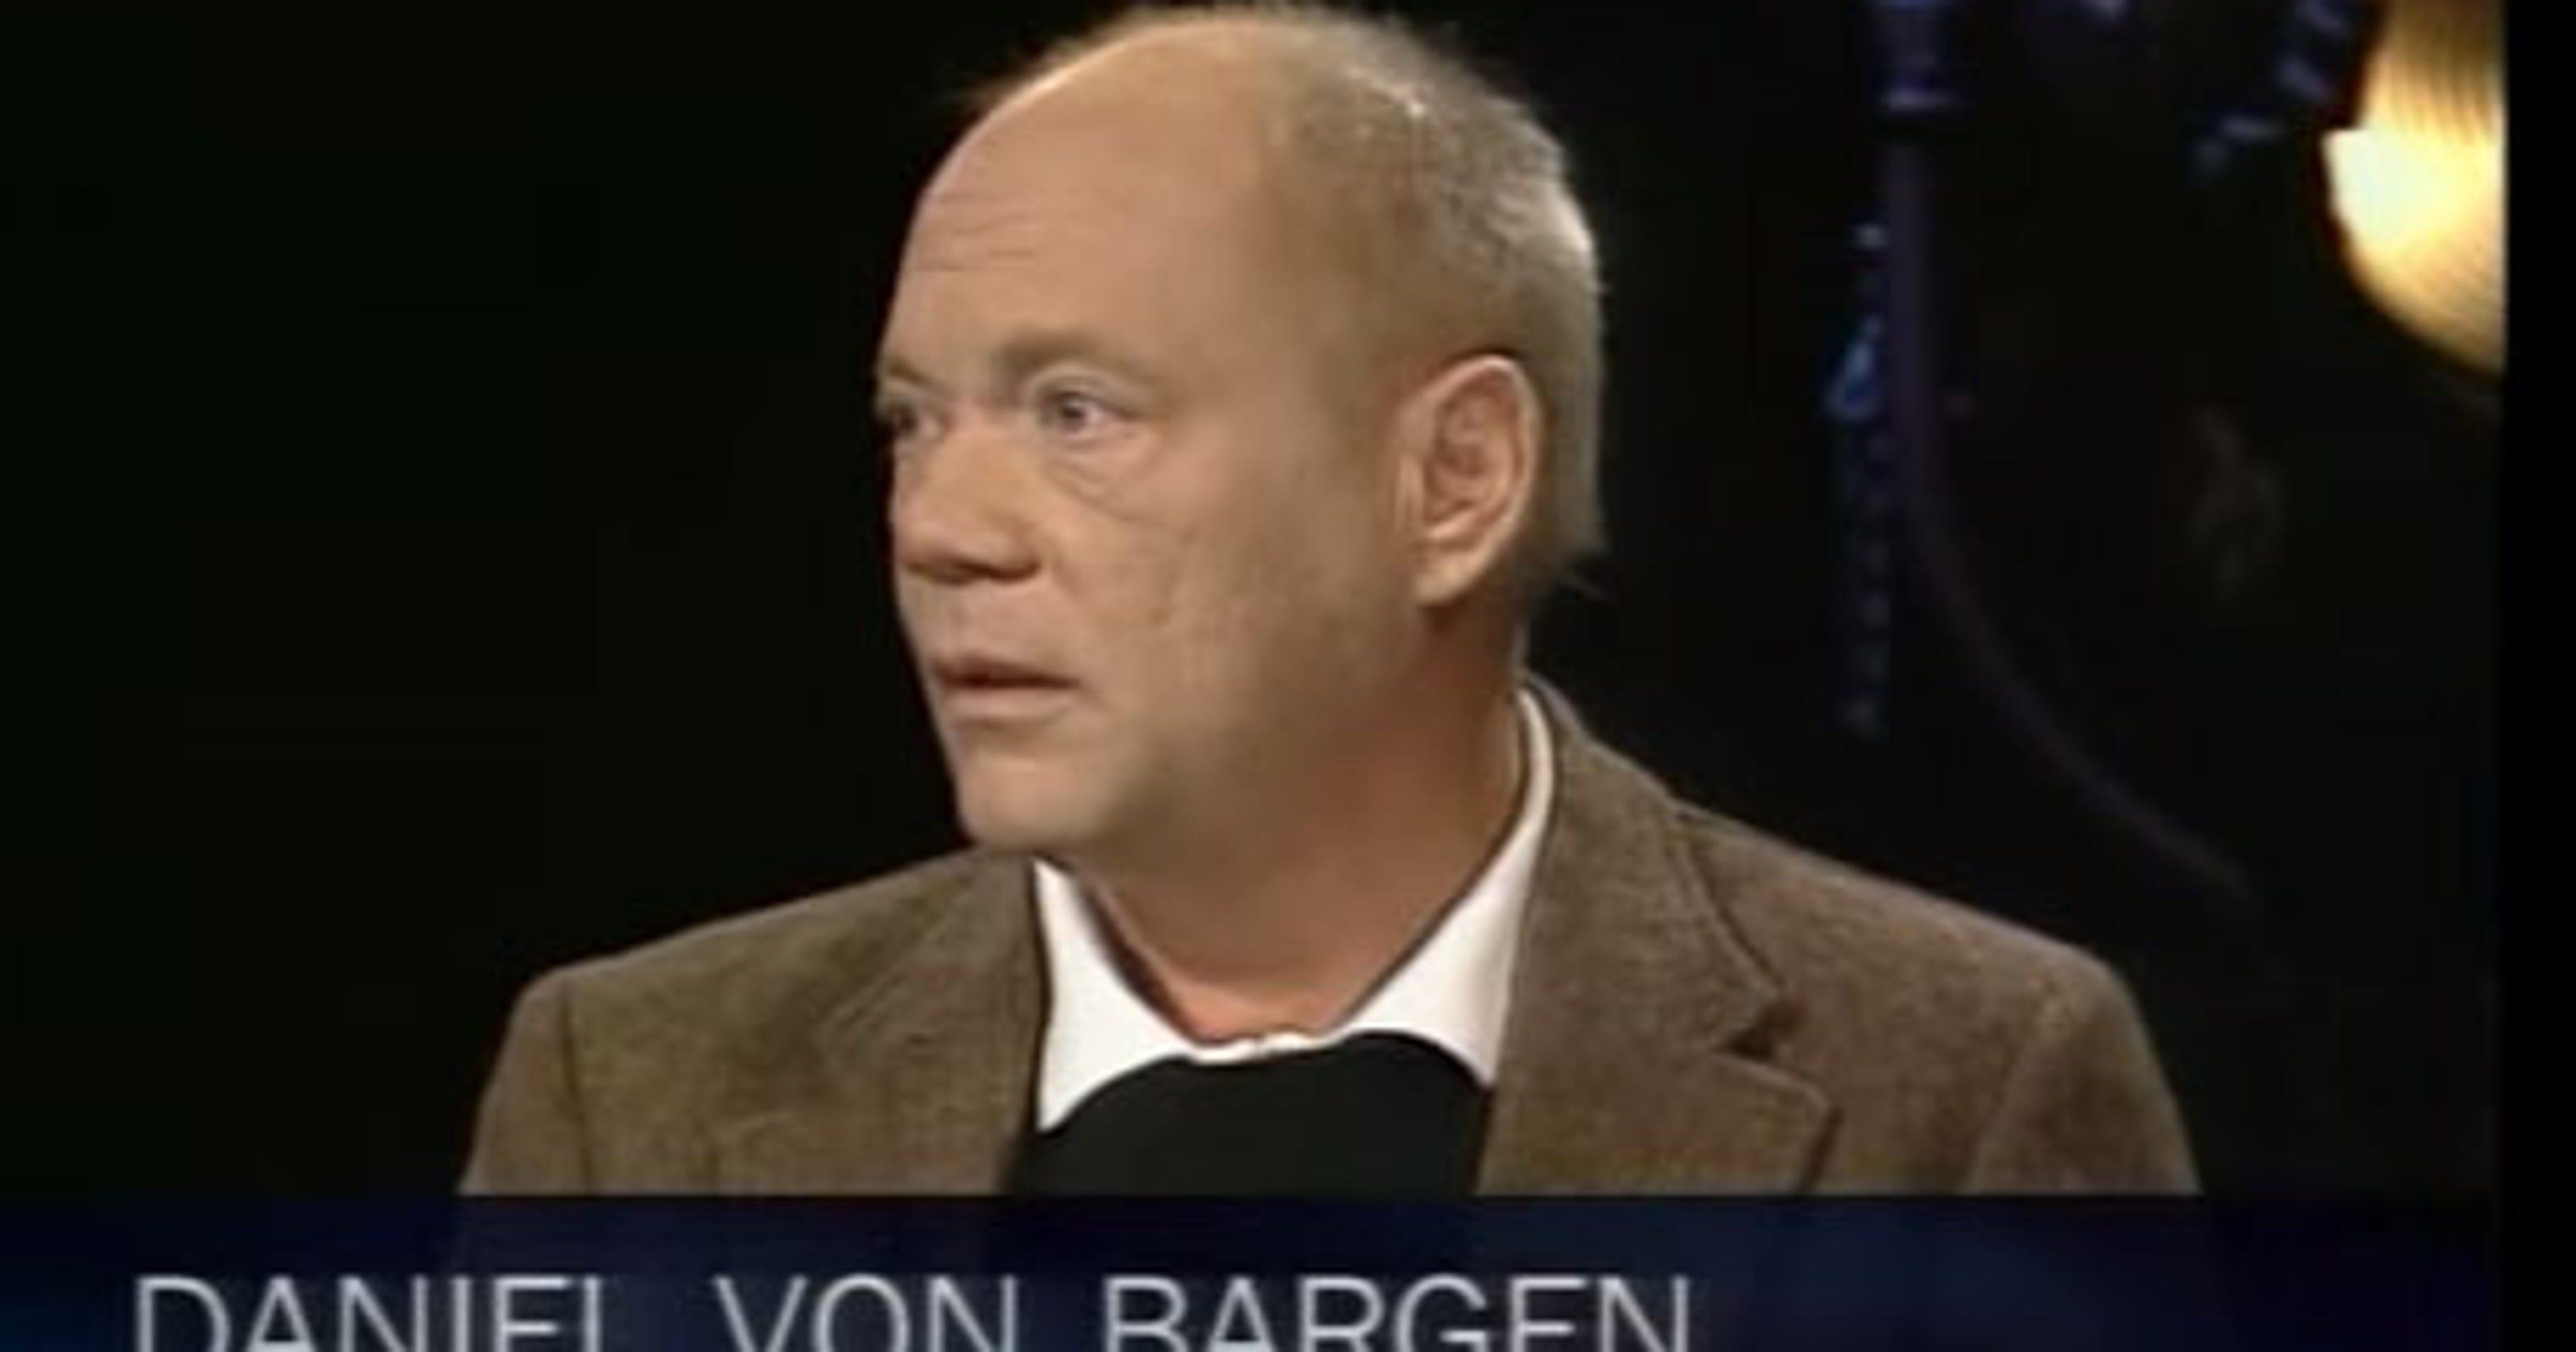 9a97ffc0ac113a 'Seinfeld' actor Daniel von Bargen dies at 64